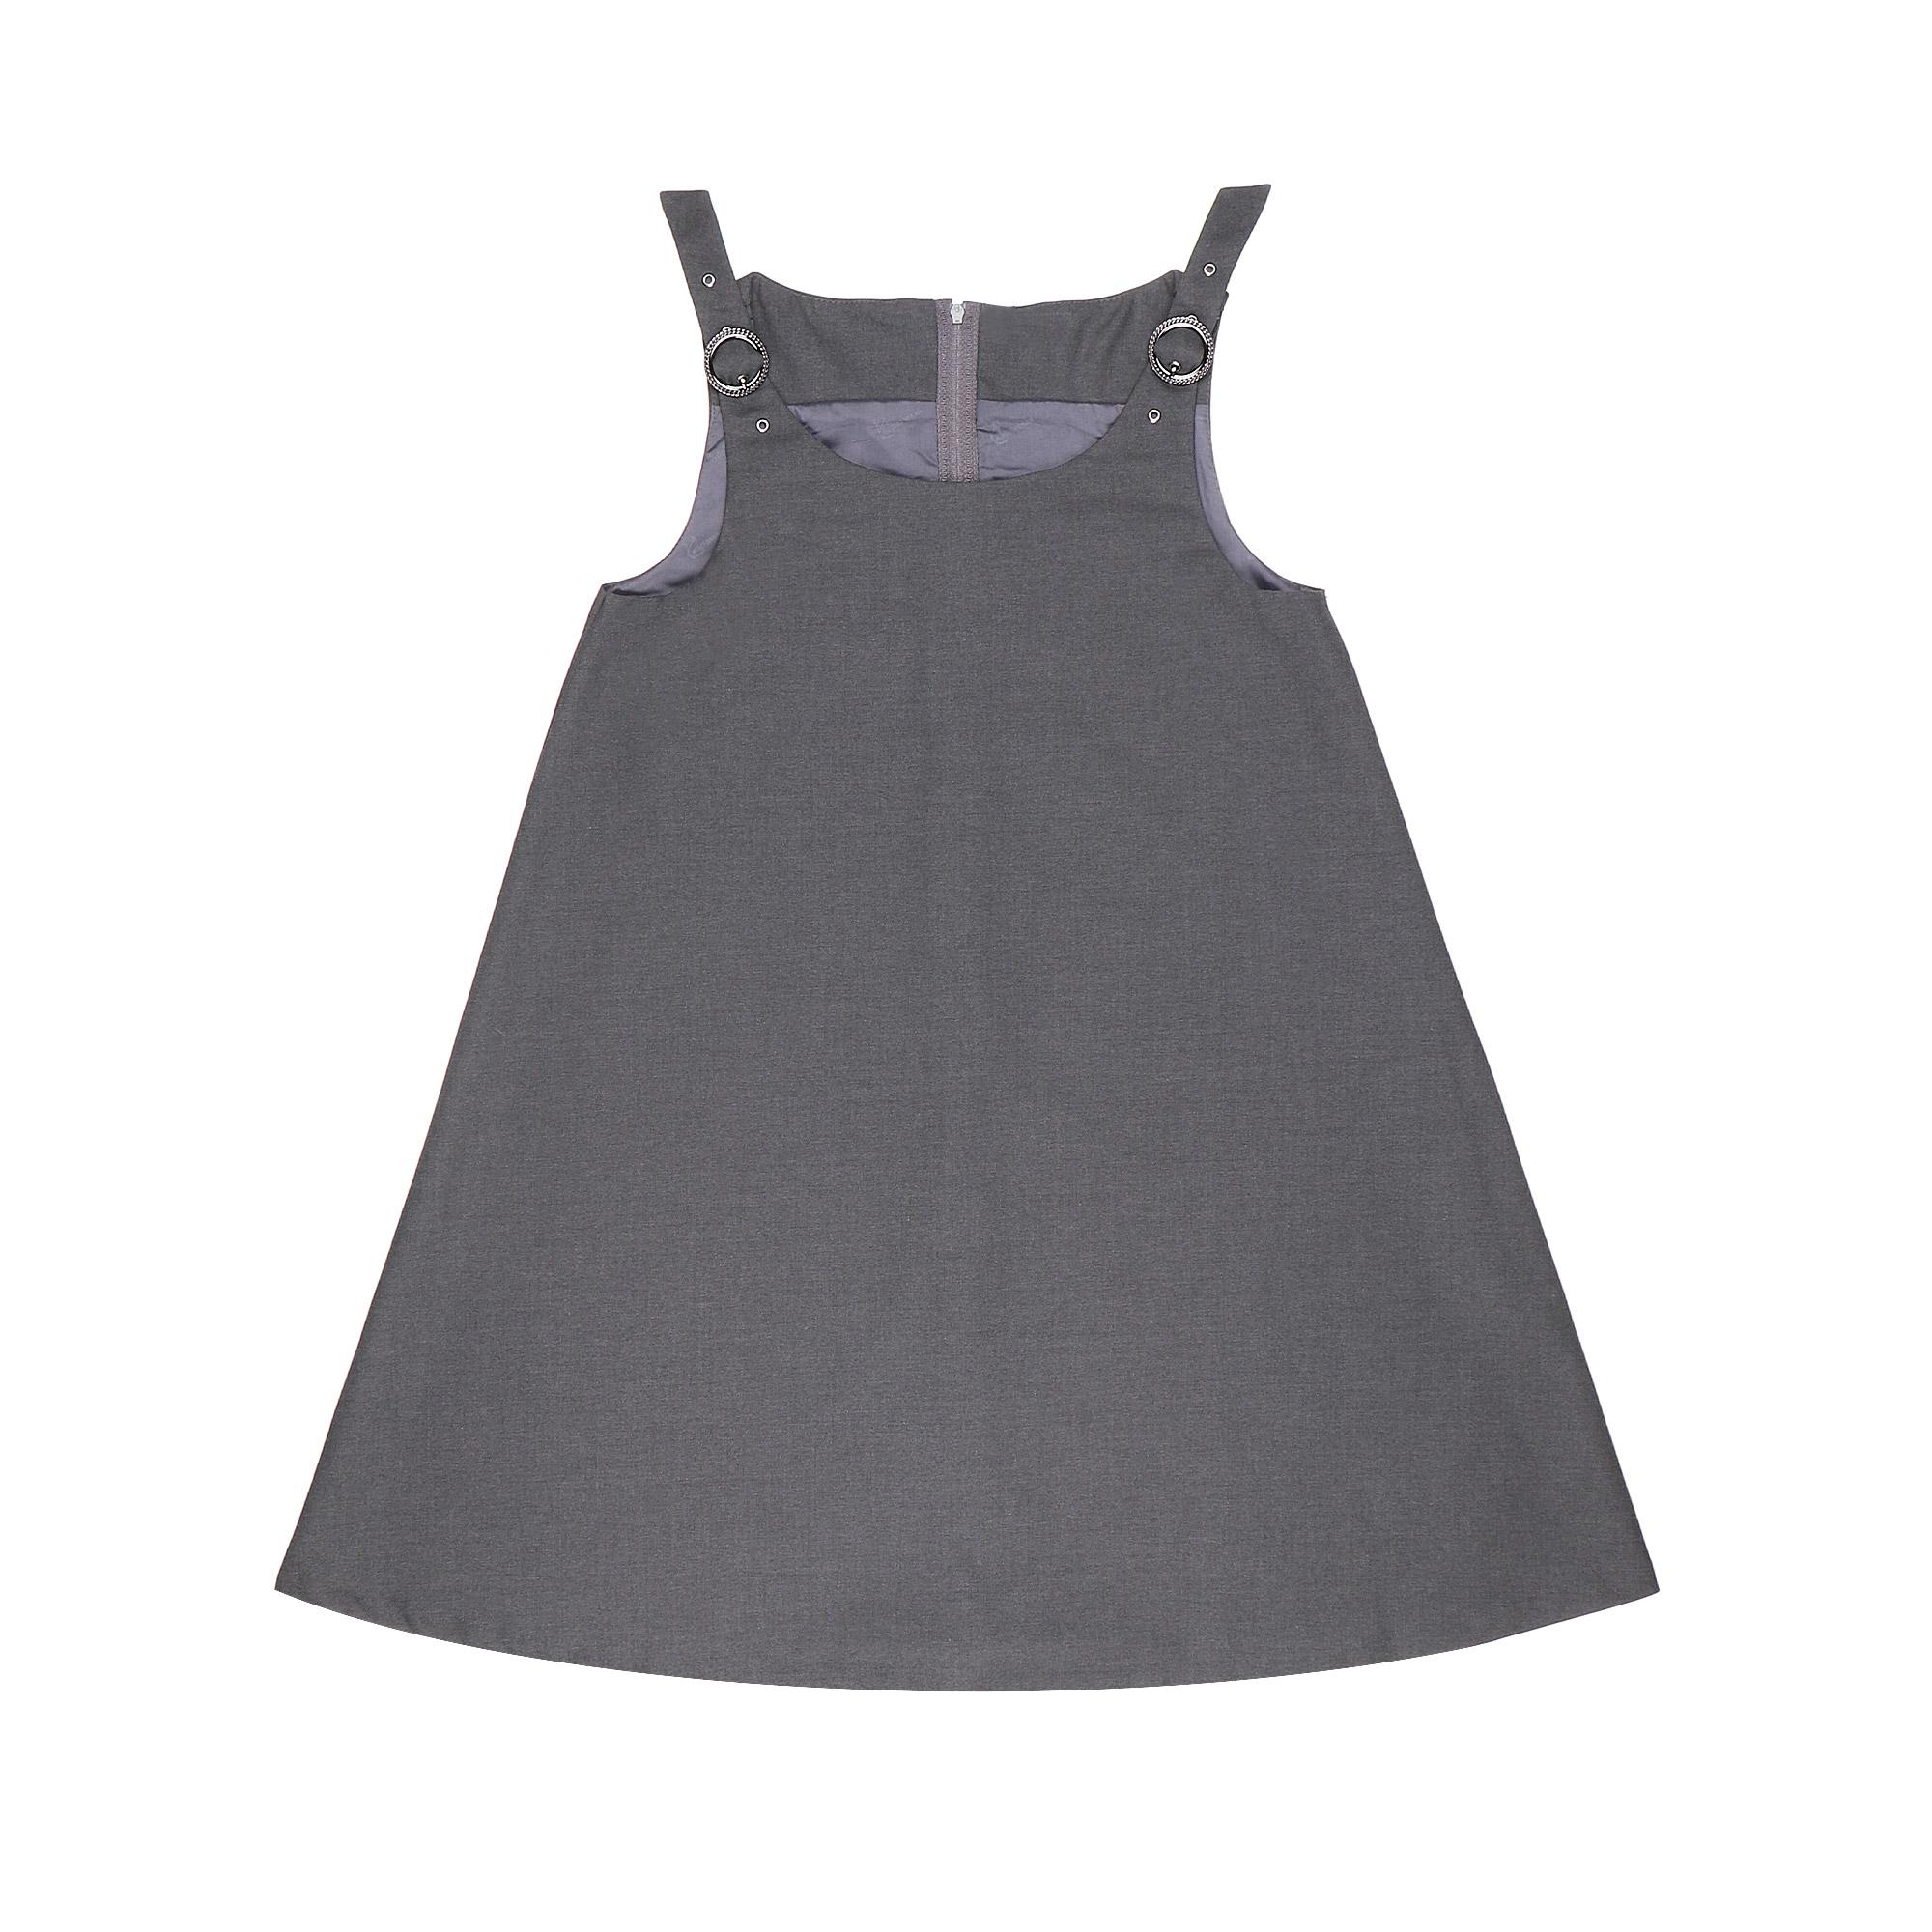 Купить Сарафан школьный КАРАМЕЛЛИ О74177 серый 146, Серый, Для девочек, Всесезонный,